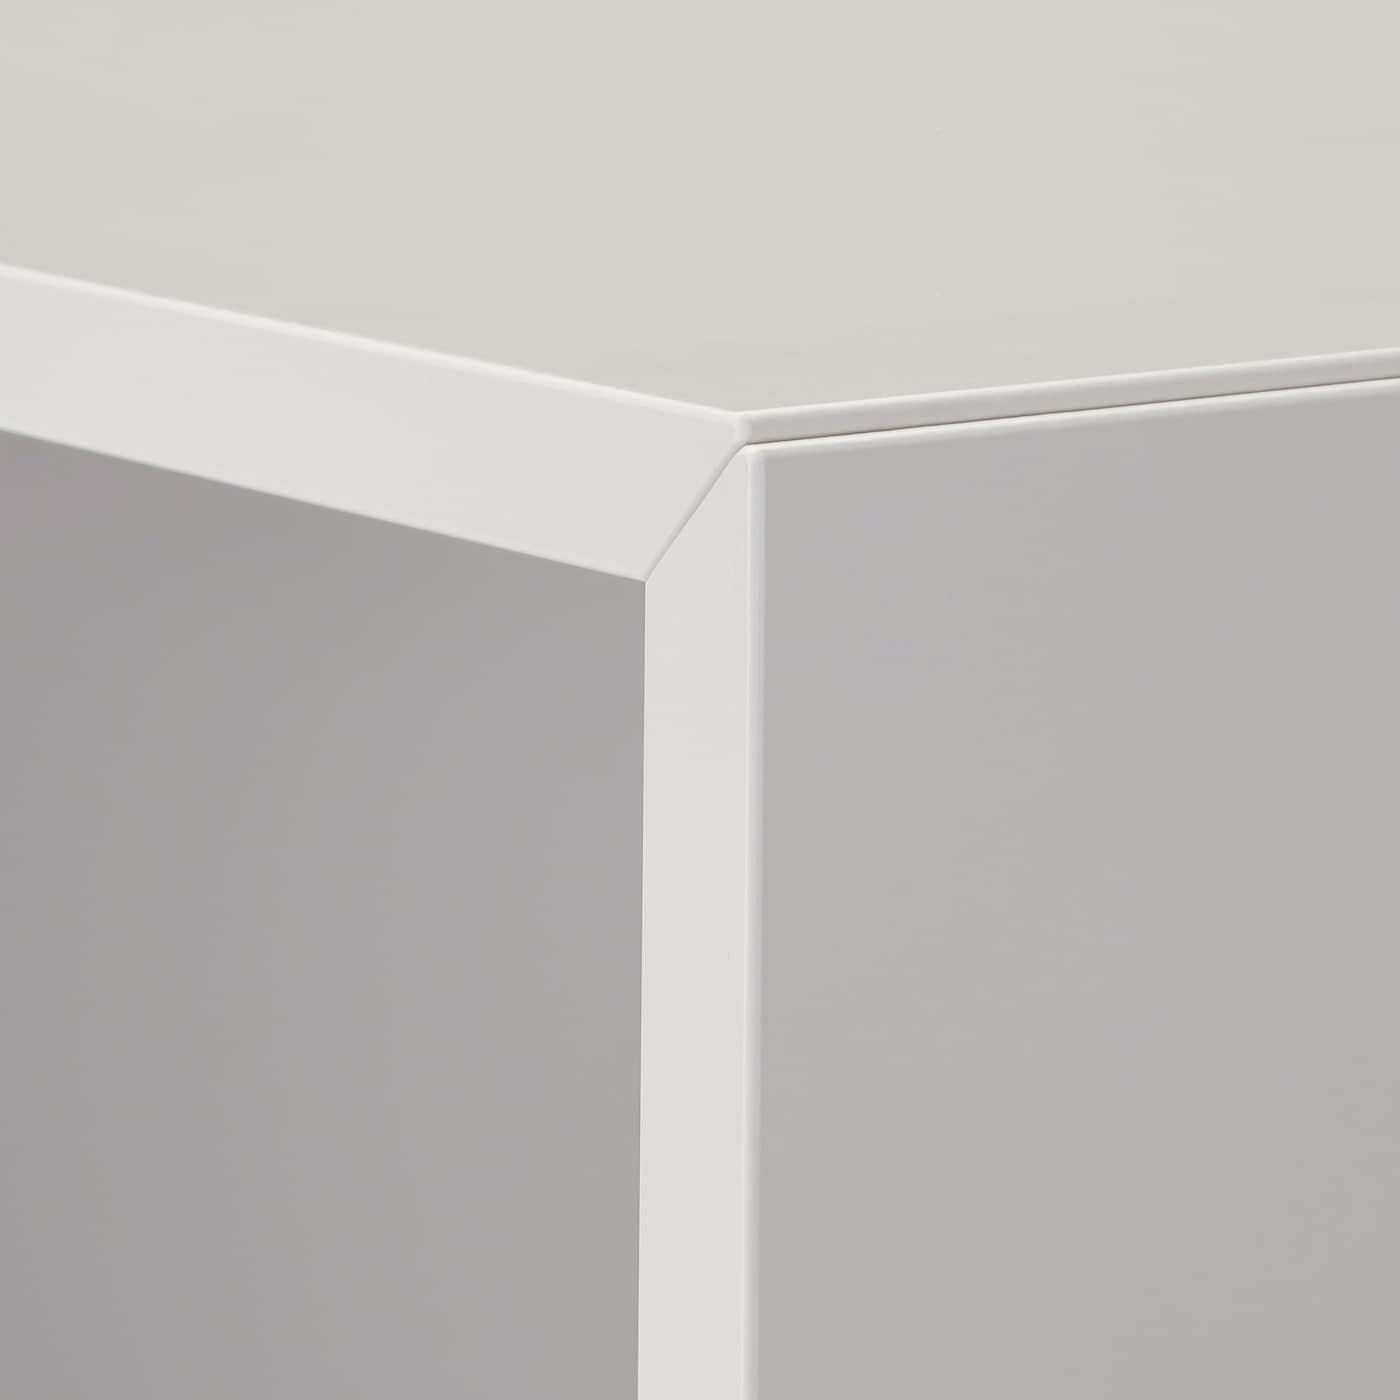 EKET szekrény világosszürke 35 cm 35 cm 35 cm 7 kg